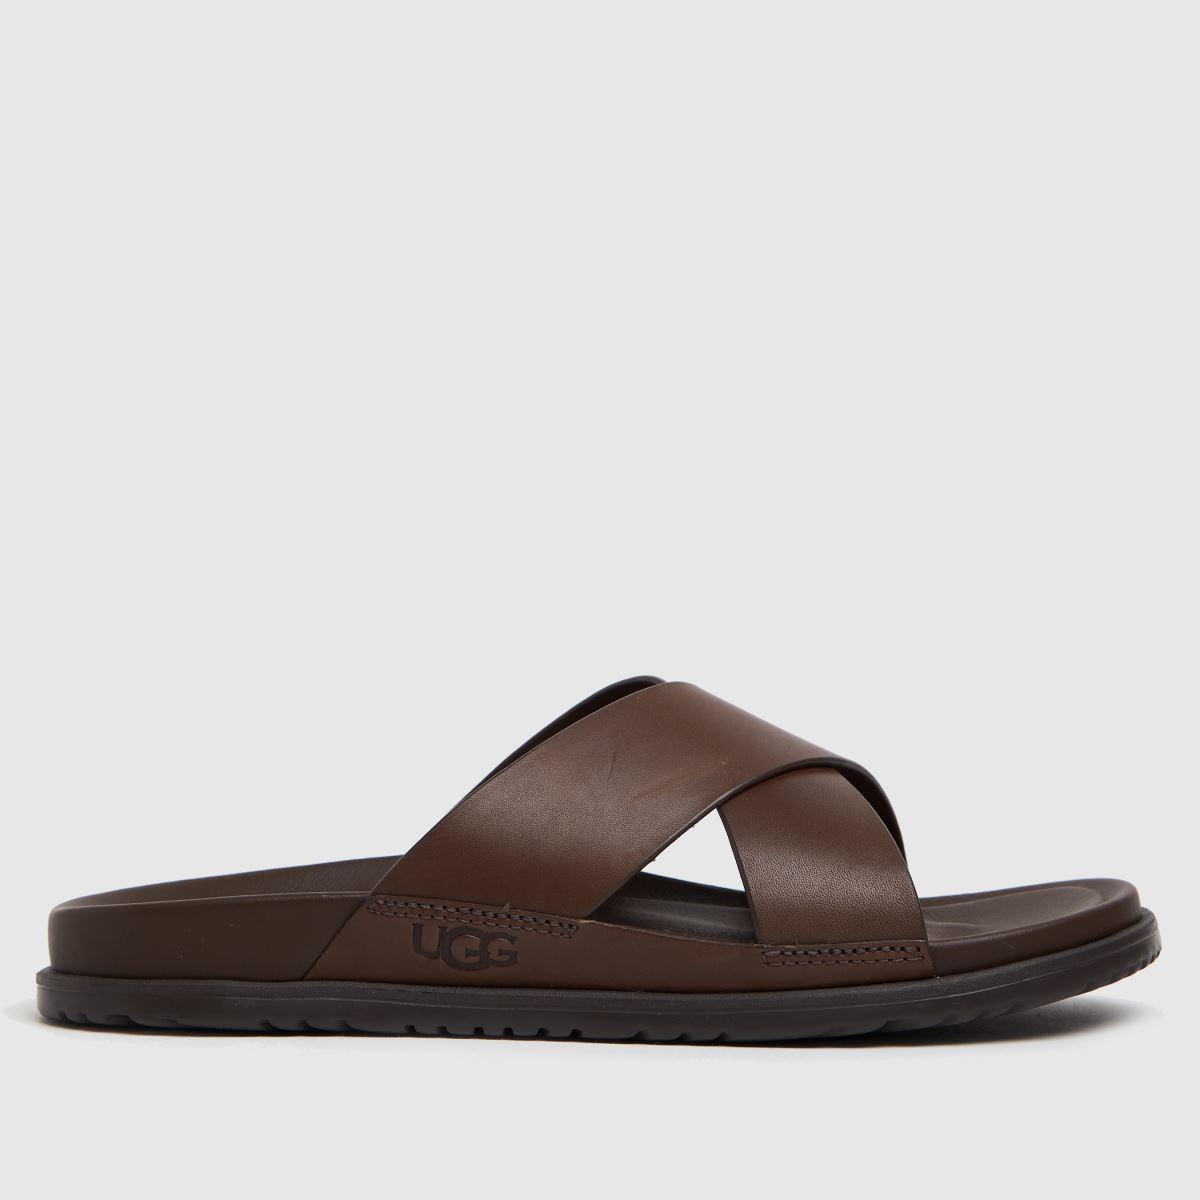 UGG Brown Wainscott Flip Sandals